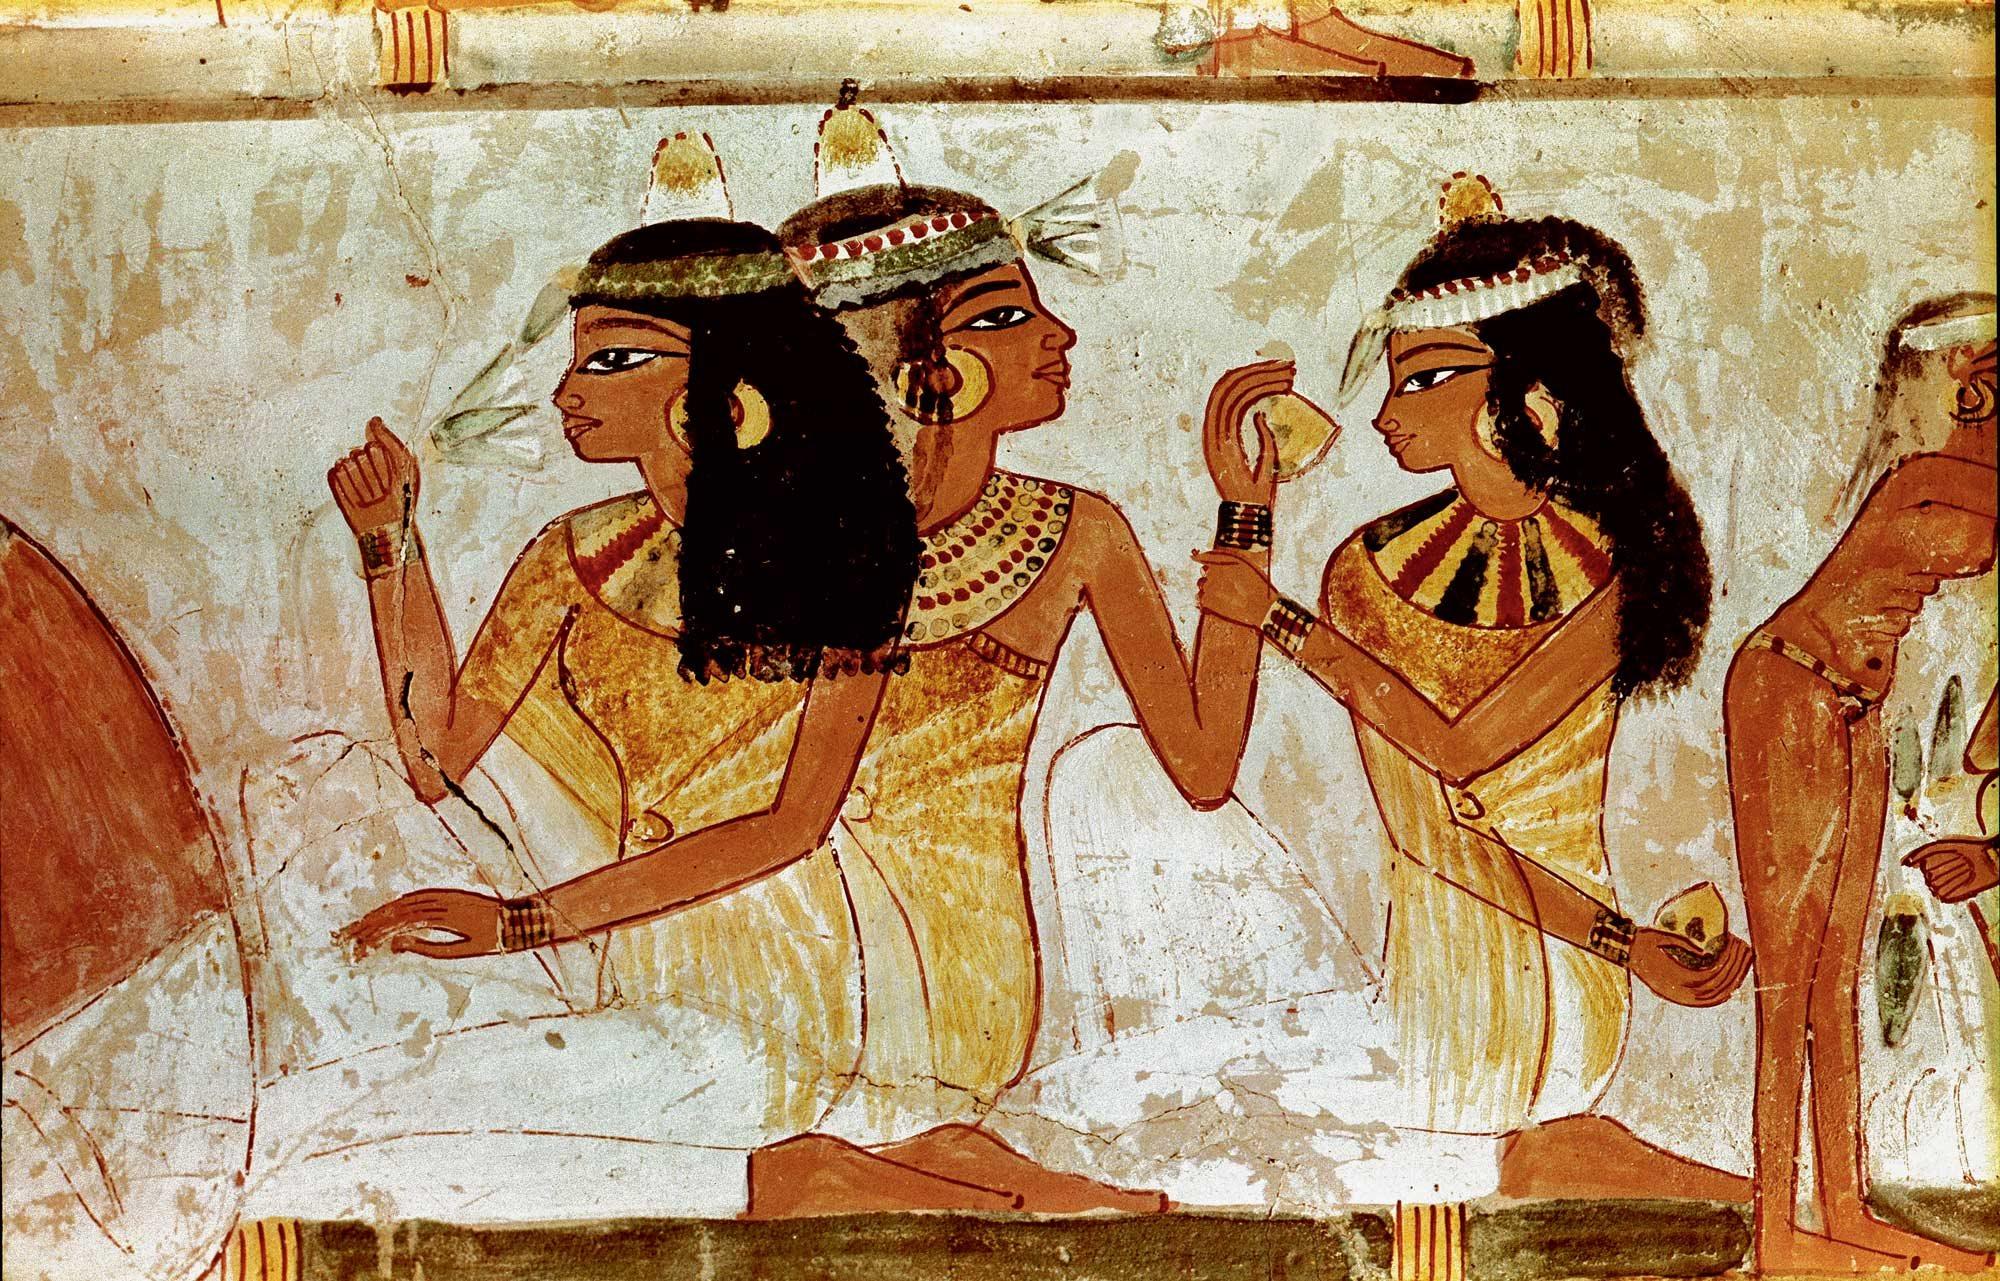 Los perfumes pasi n secreta de los egipcios - Mejor pintura plastica ...